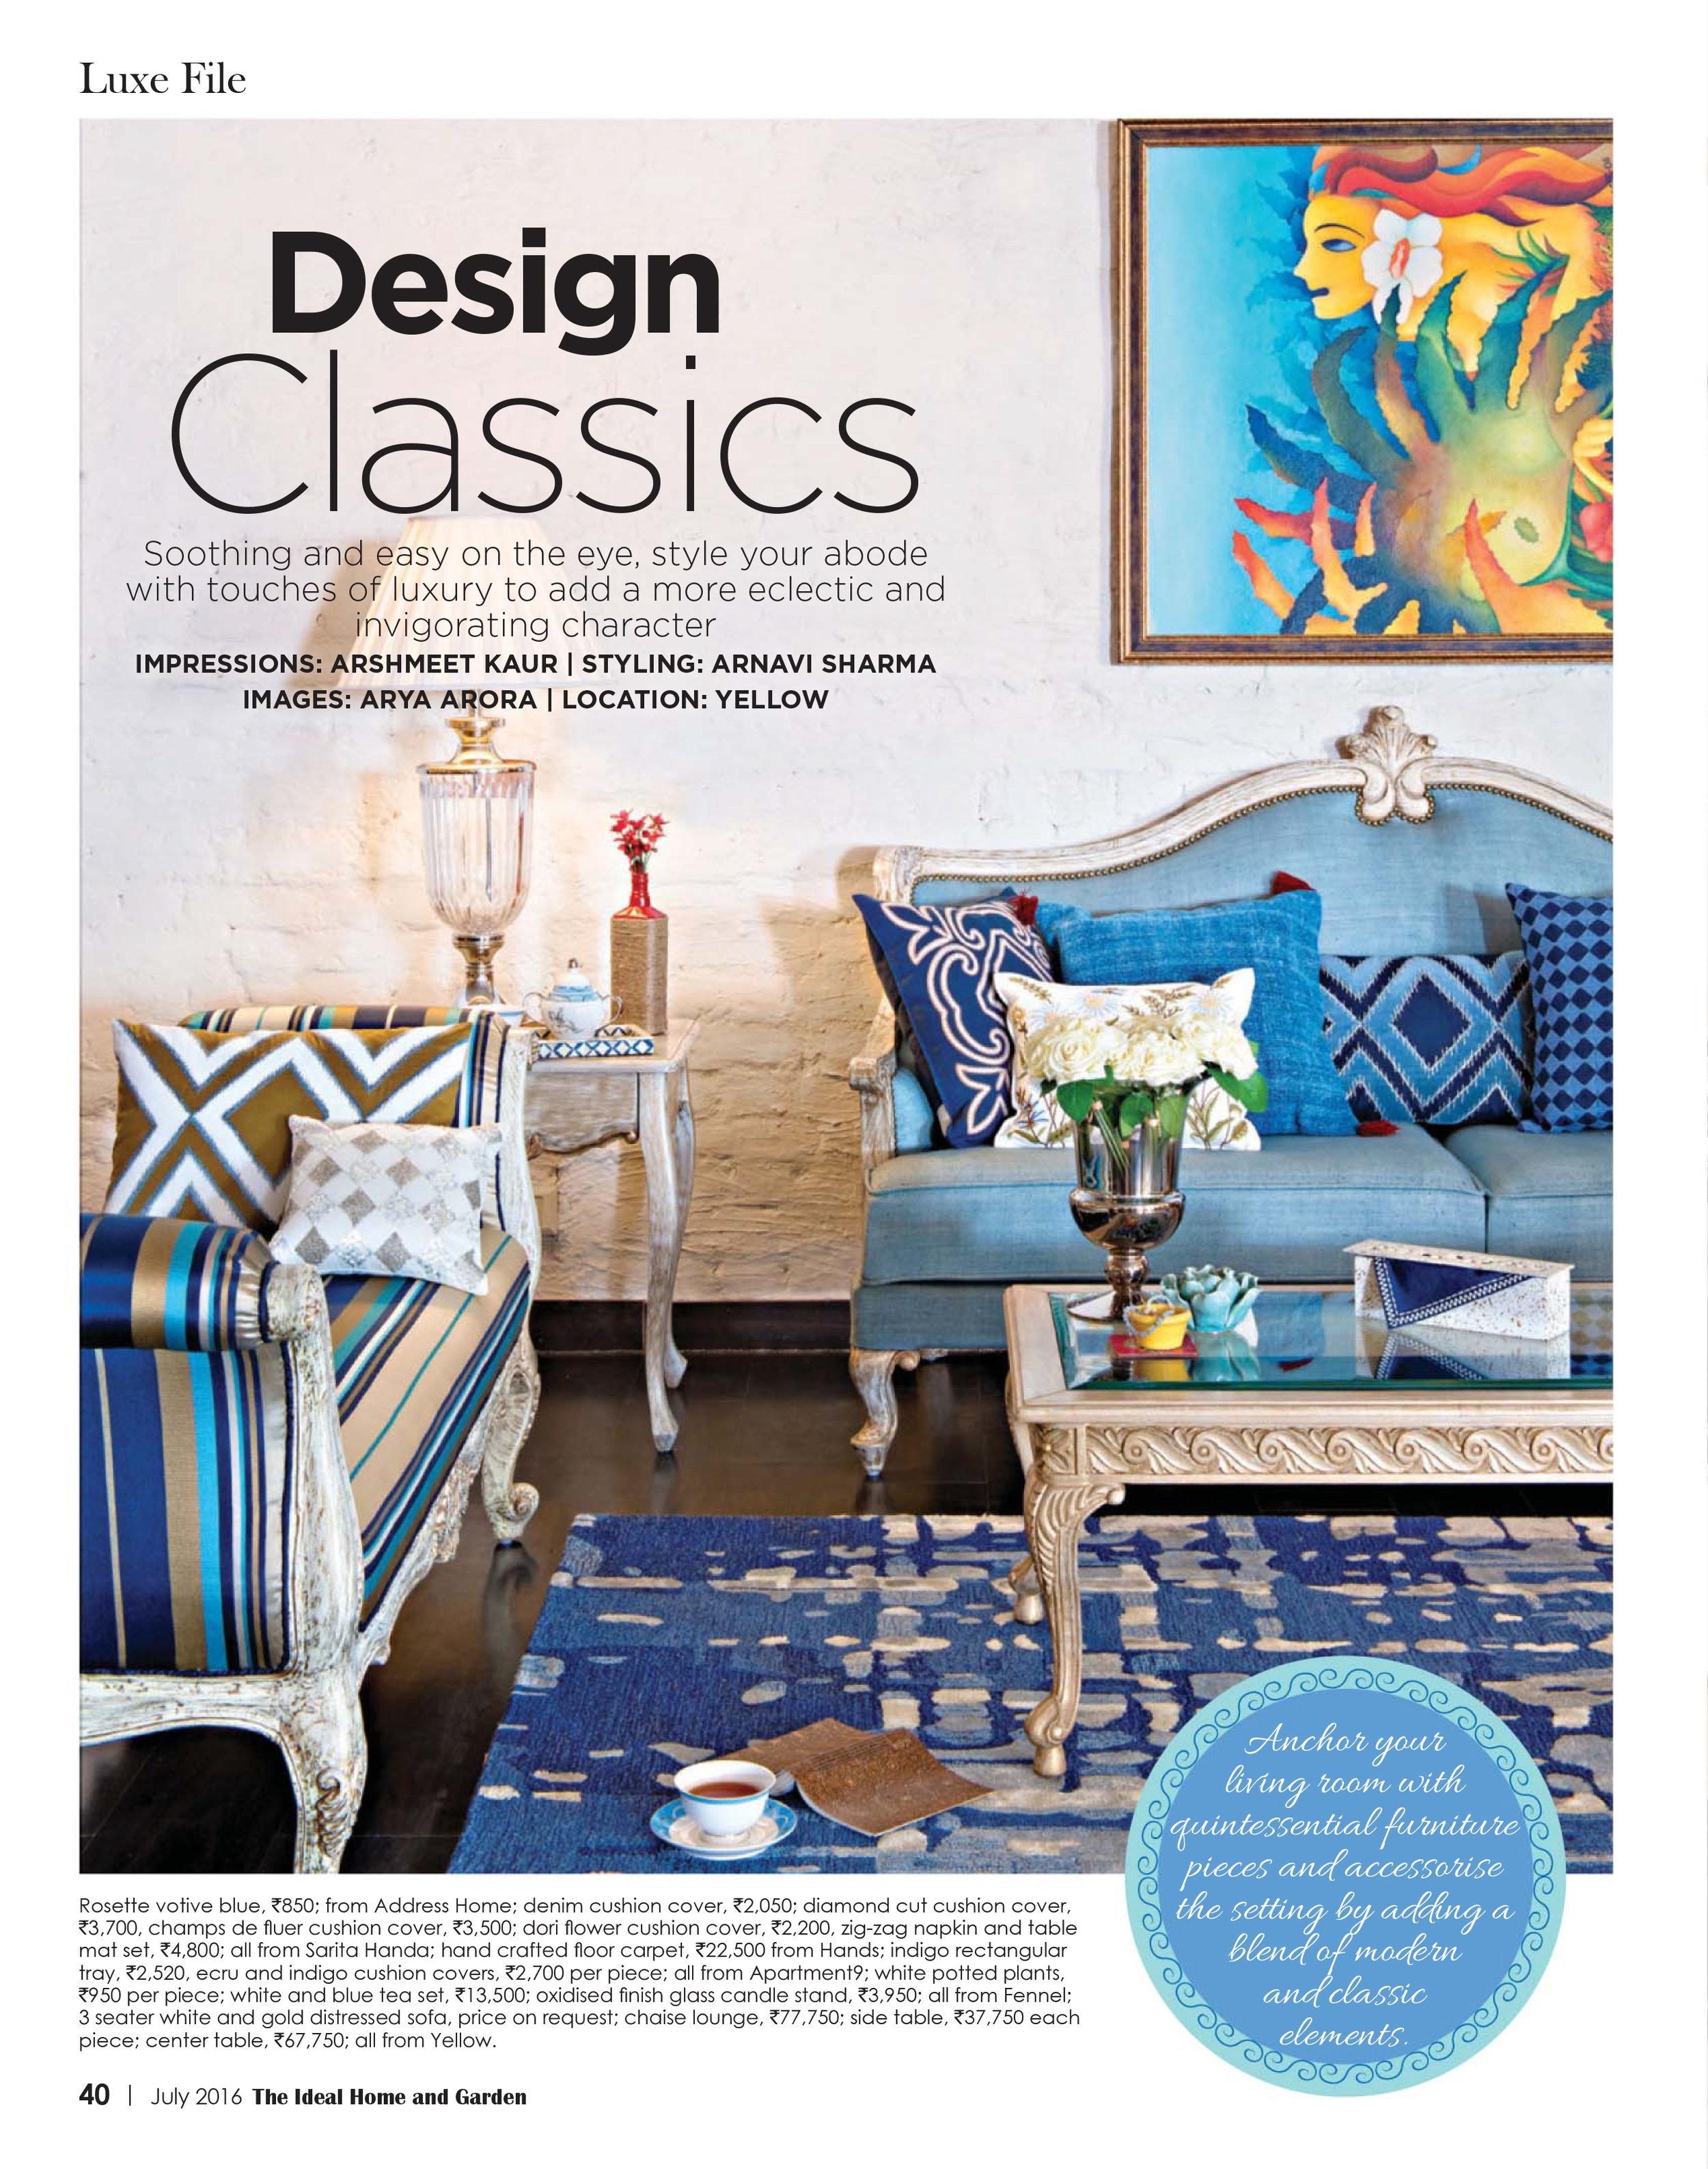 Ideal Homes - Design Classics